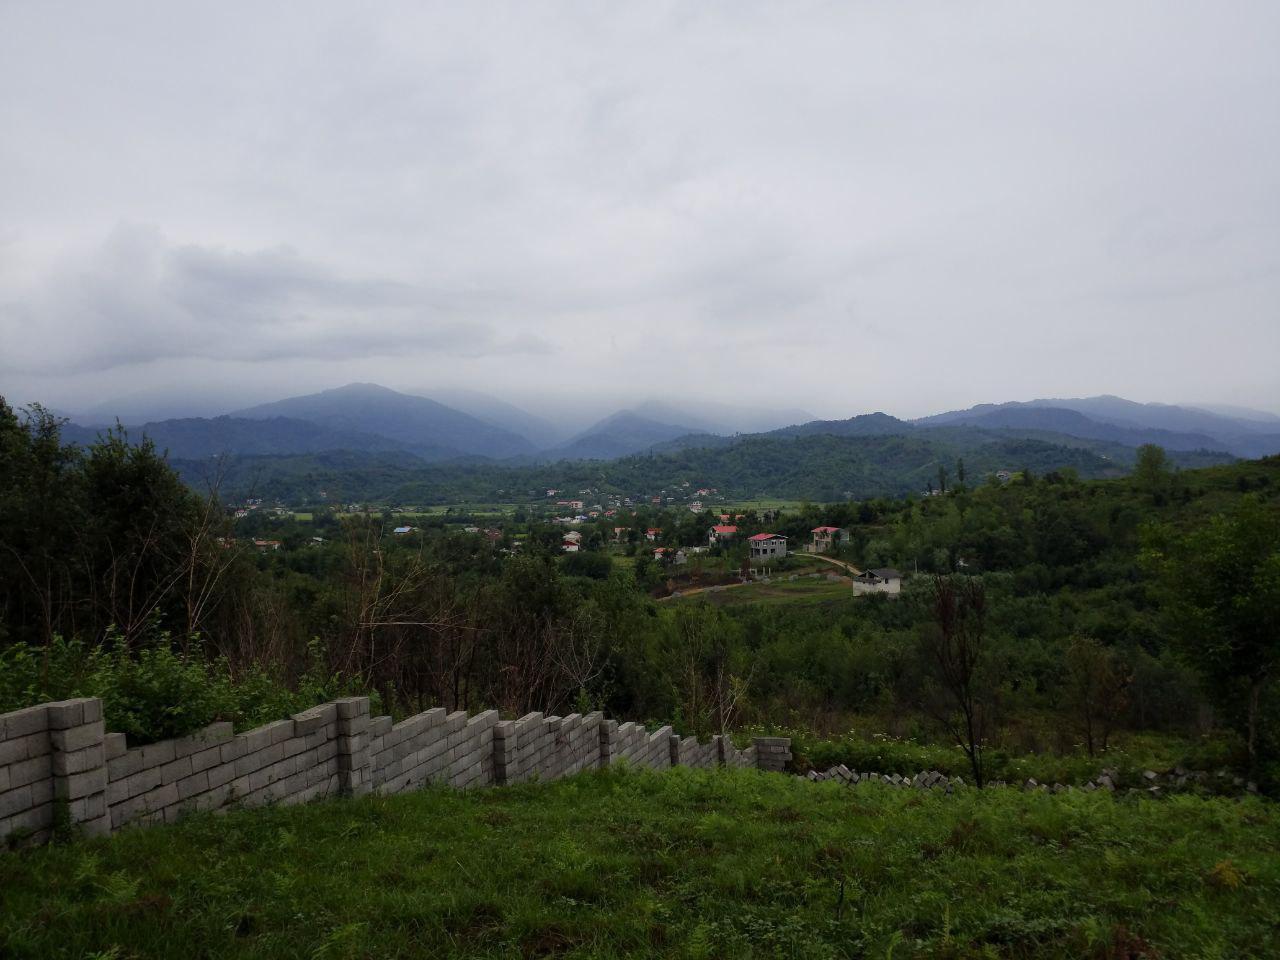 فروش زمین کوهستانی مسکونی در اطاقور